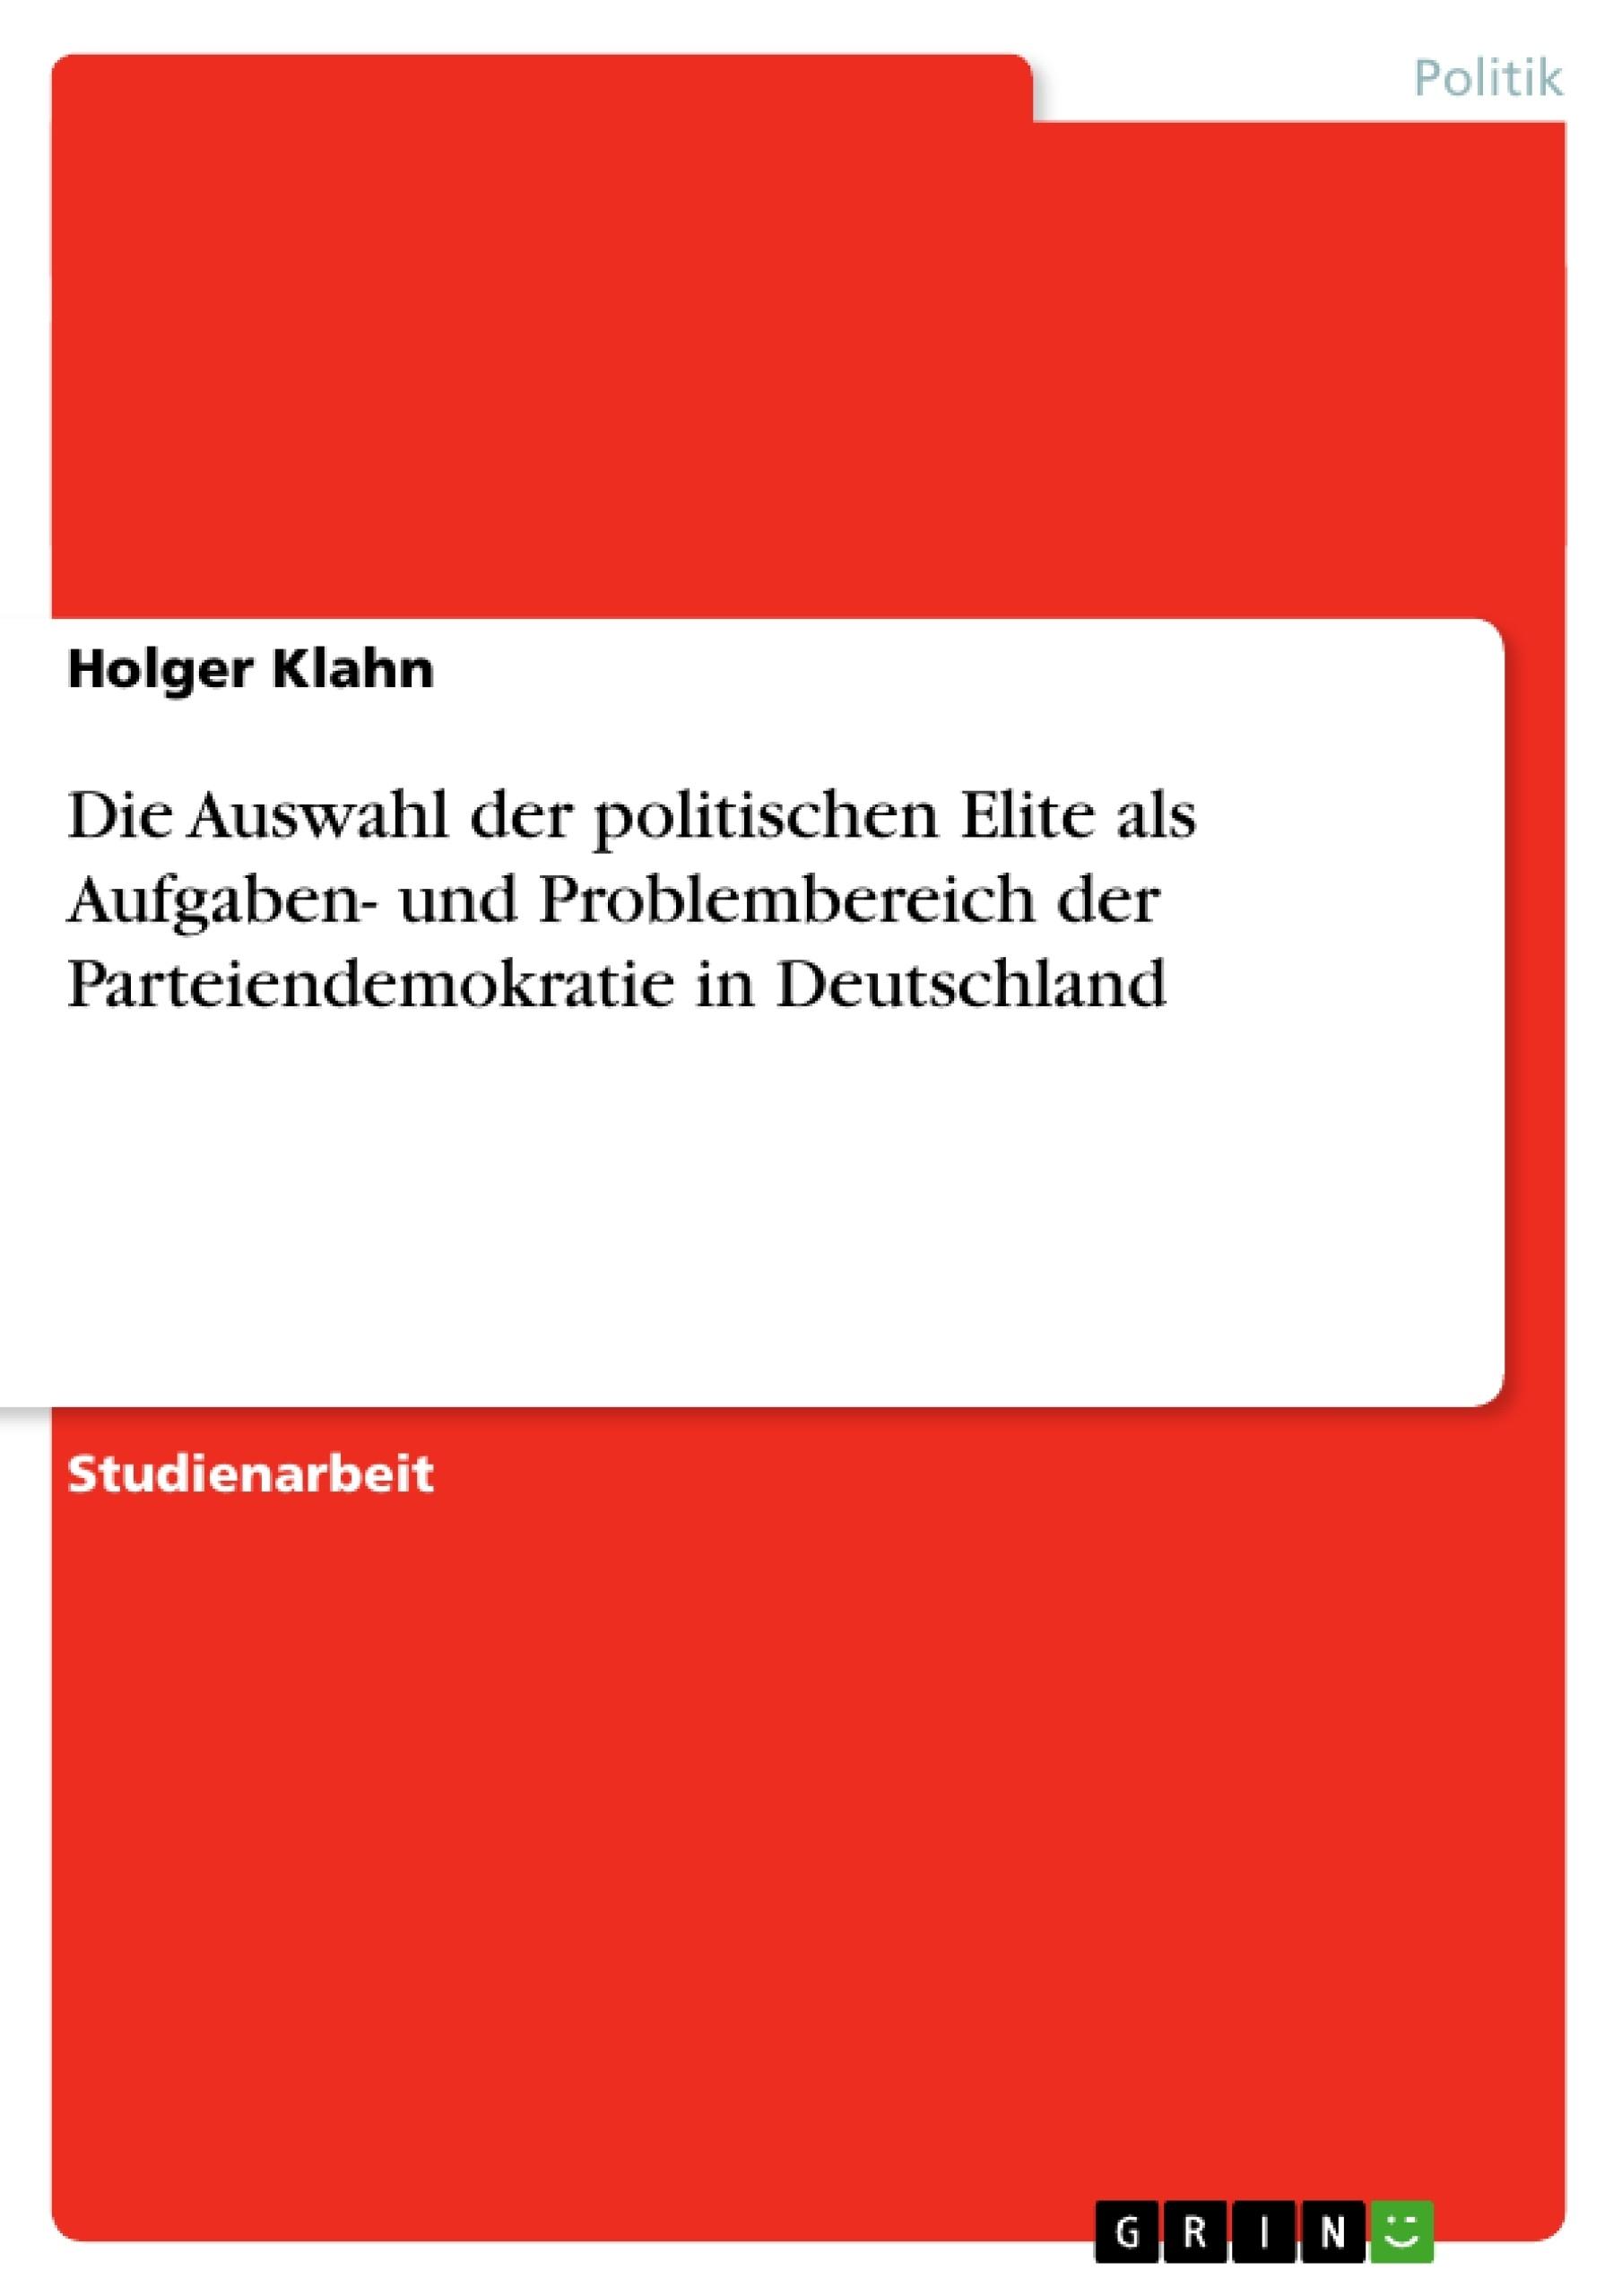 Titel: Die Auswahl der politischen Elite als Aufgaben- und Problembereich der Parteiendemokratie in Deutschland